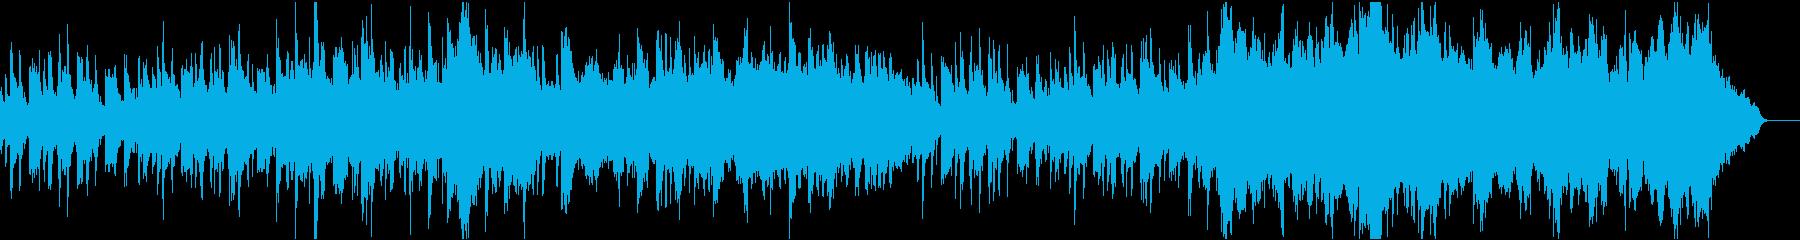 琴とオーケストラの和風で日本的な楽曲の再生済みの波形